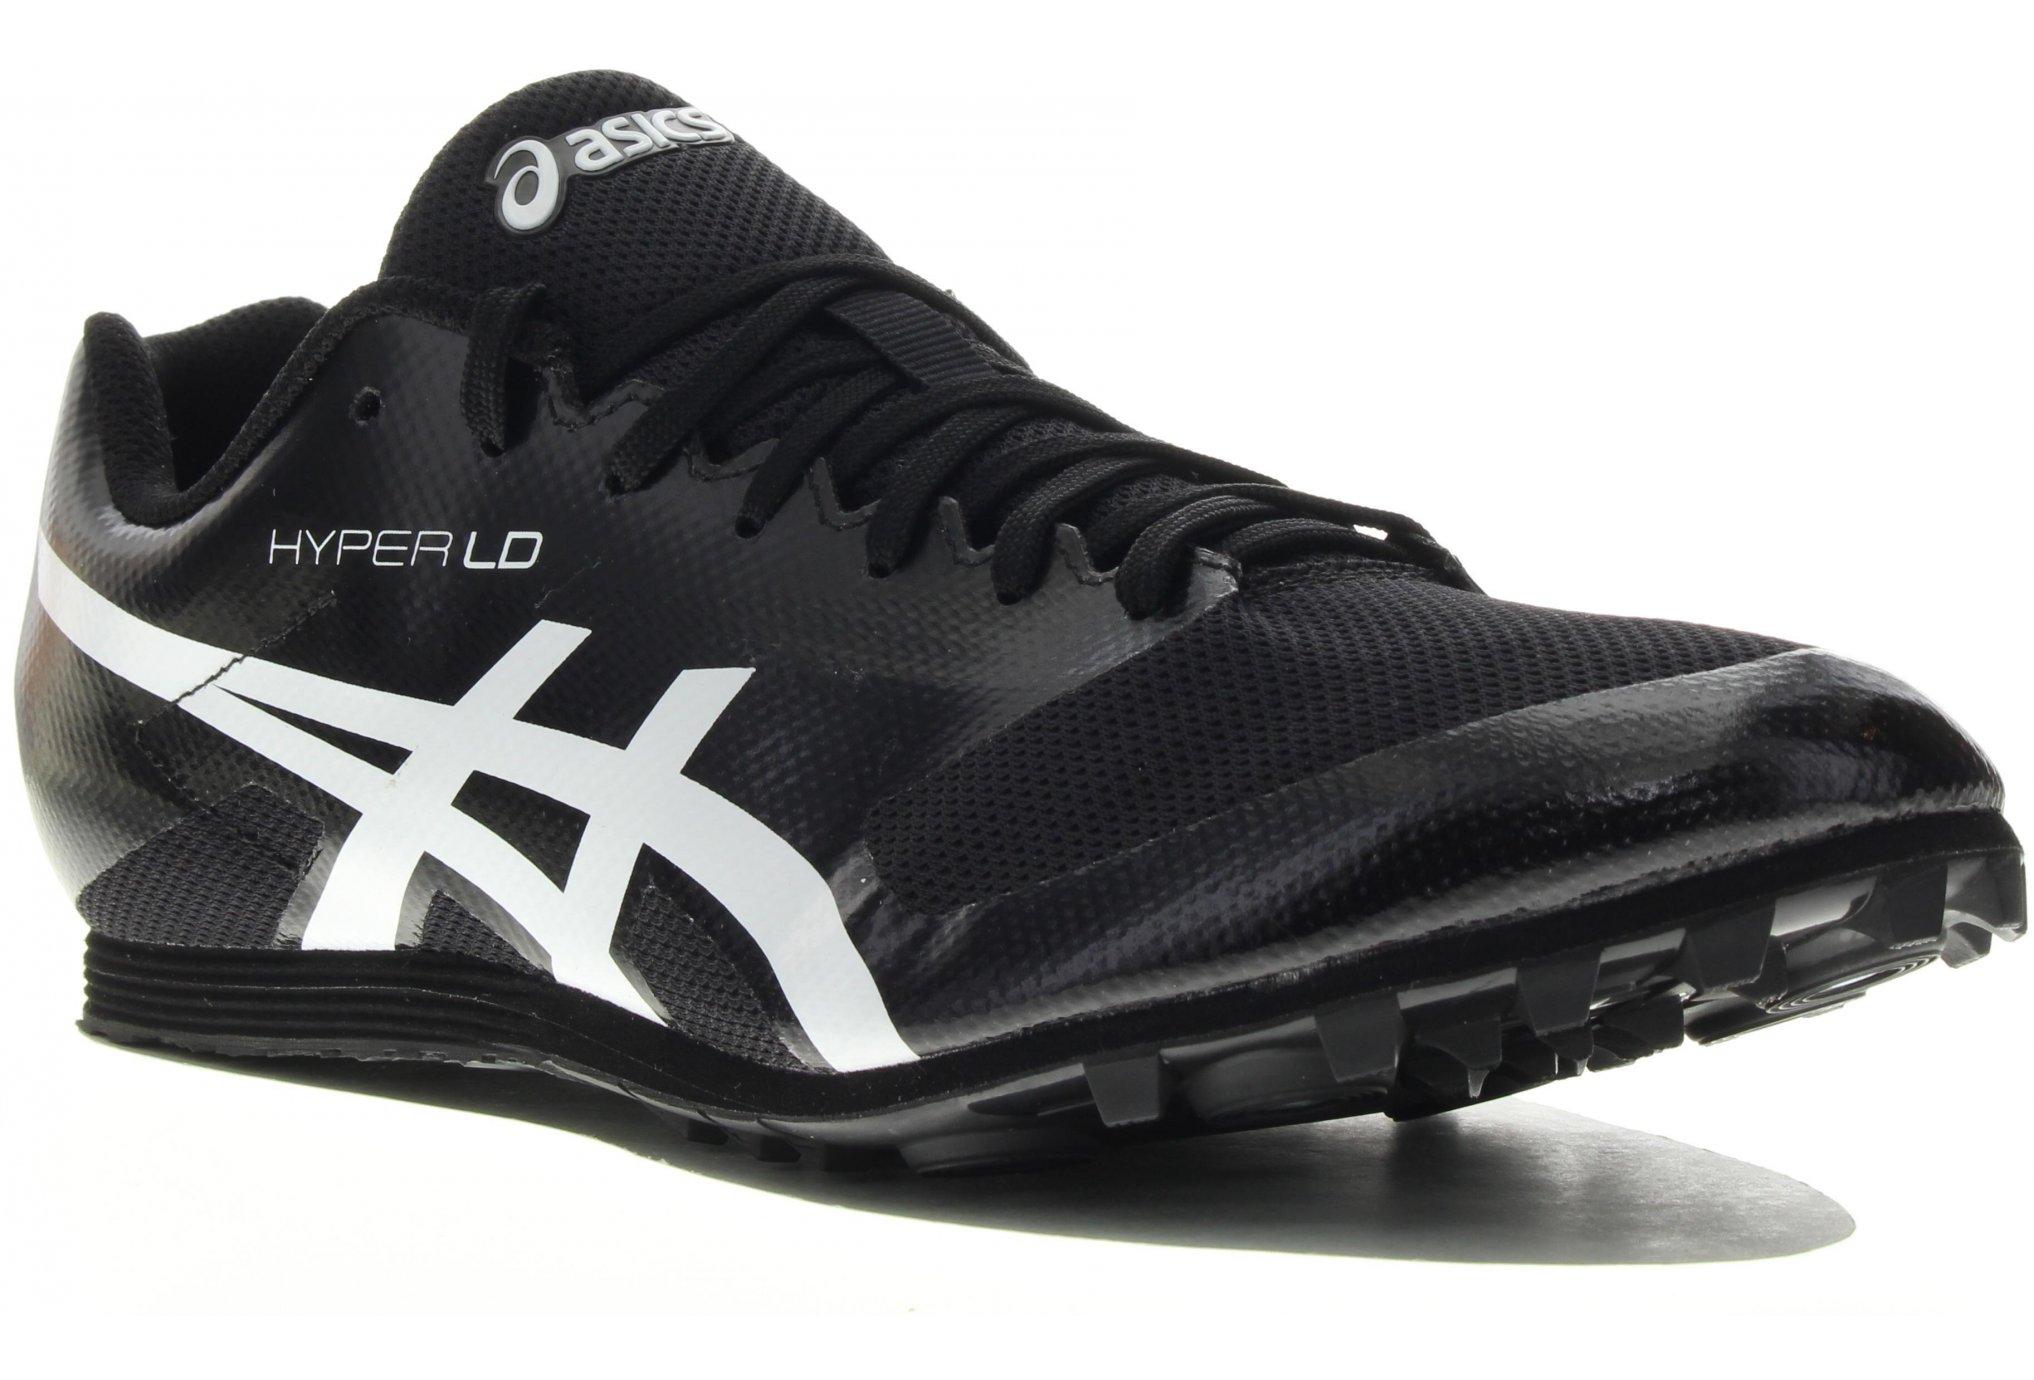 Asics Hyper LD 6 W Chaussures running femme